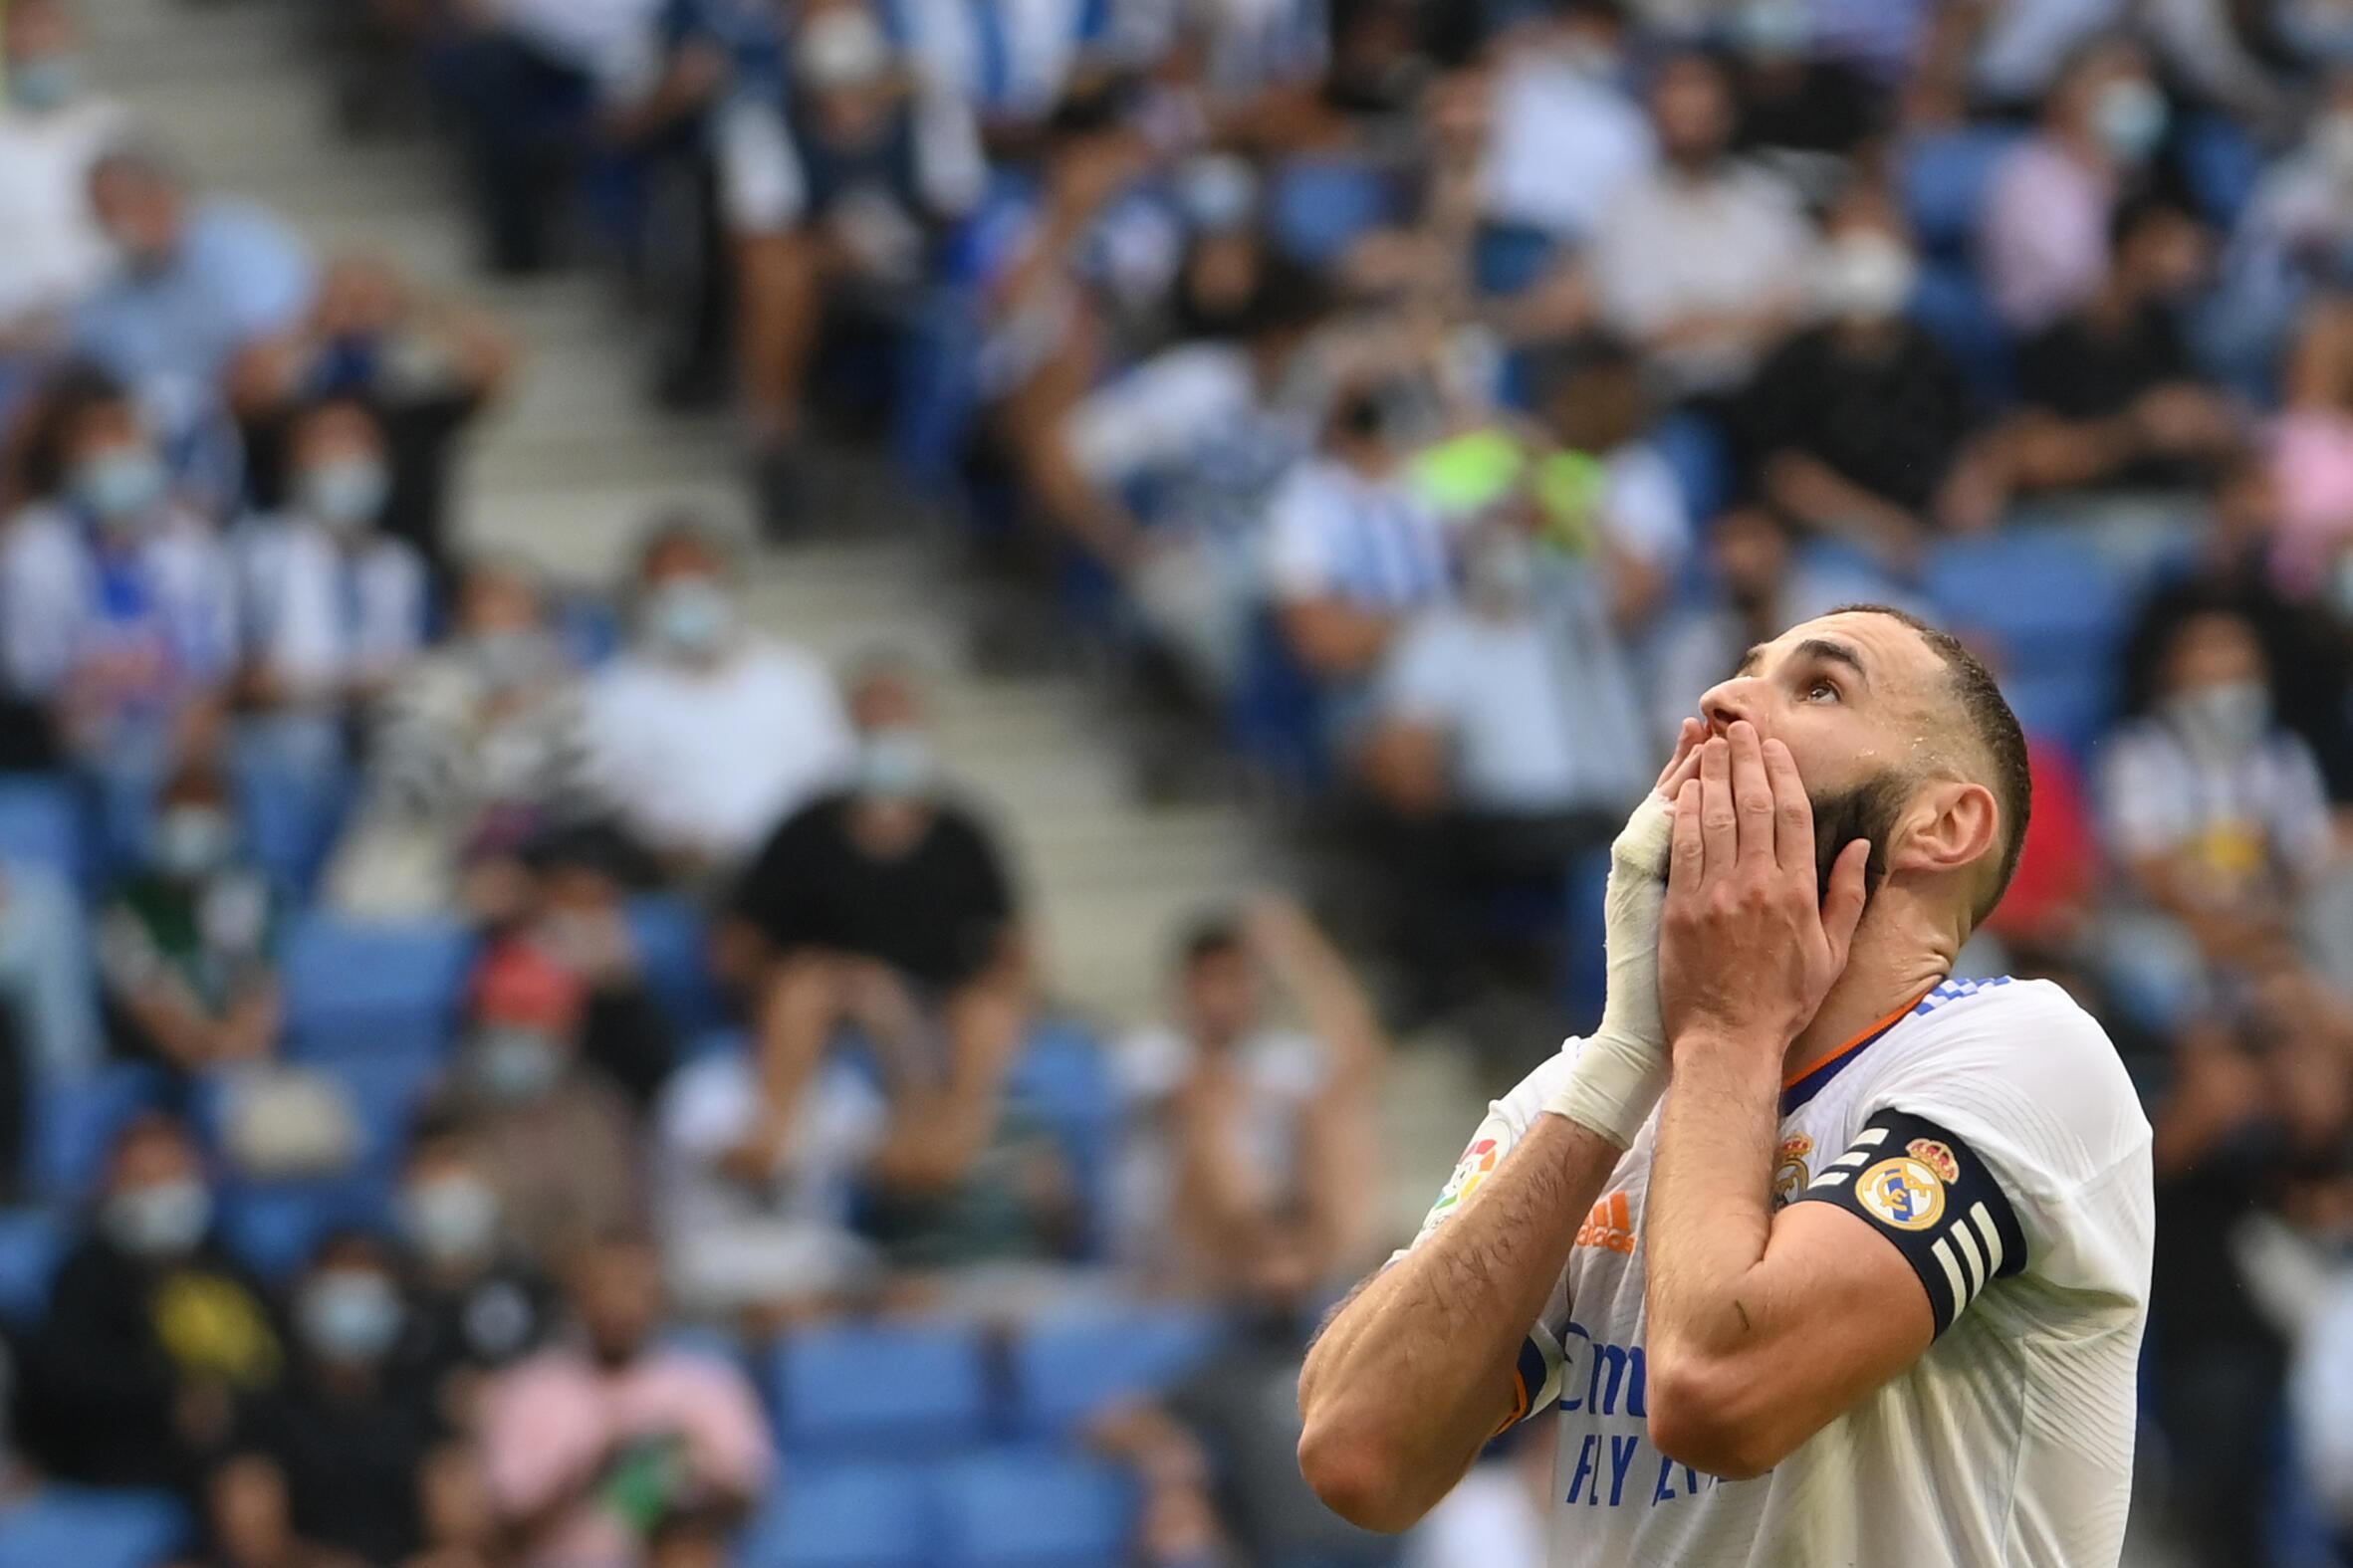 L'attaquant français du Real Madrid, Karim Benzema, lors de la défaite, 2-1 face à l'Espanyol Barcelone, lors de la 8e journée de LaLiga, le 3 octobre à Cornellà de Llobregat